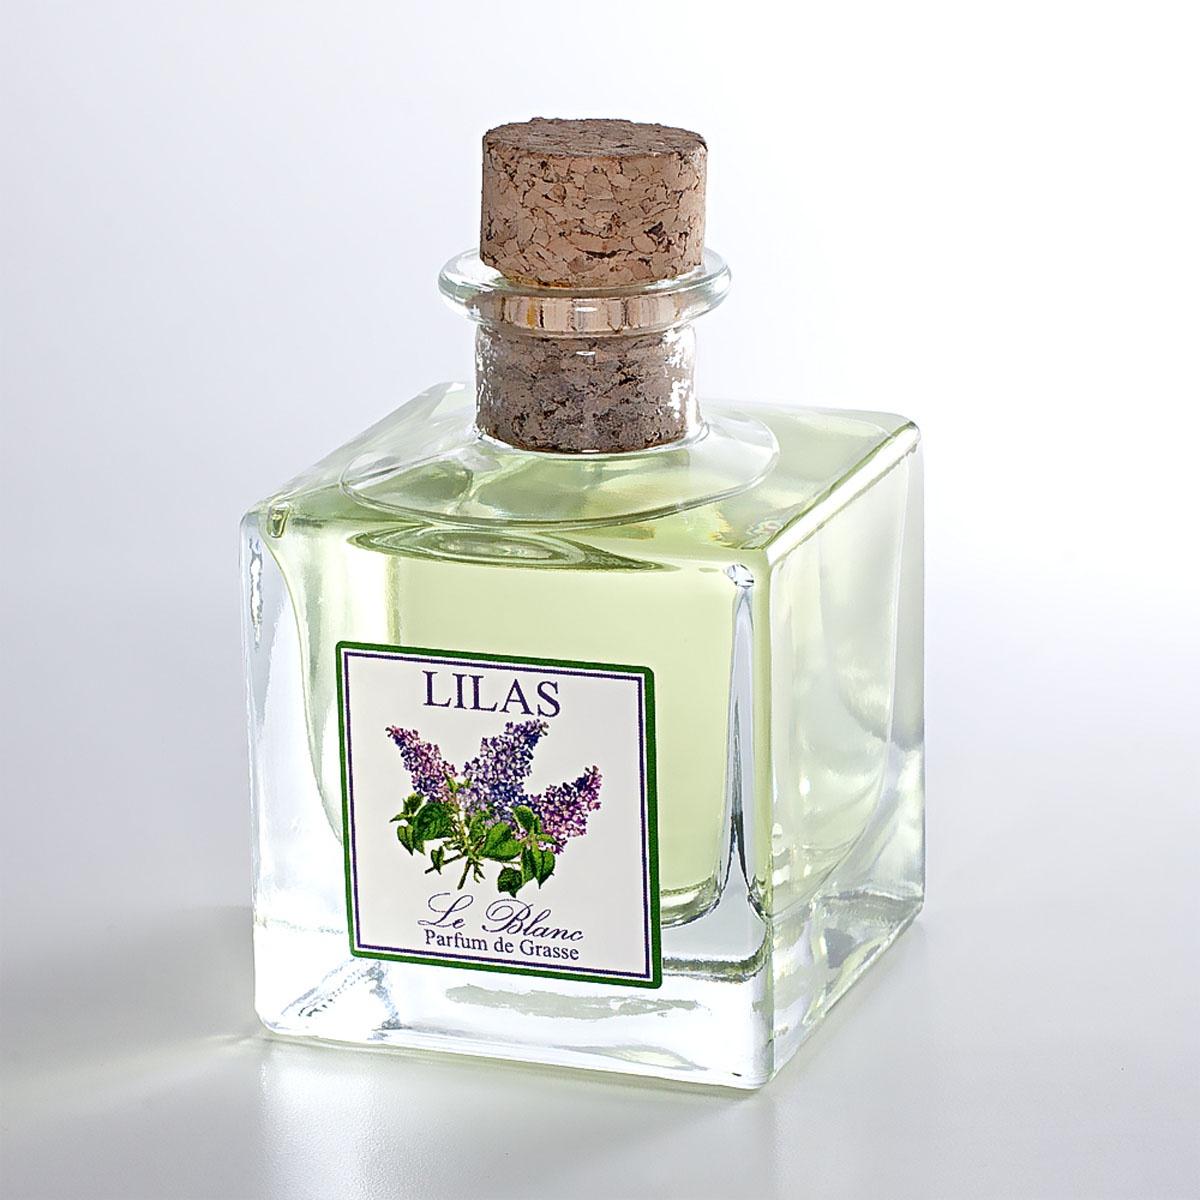 Ароматический диффузор Le Blanc СиреньBP14Нежные и утончённые цветы сирени – это гимн самой весне и расцвету жизни. И аромат сирени проникнут терпкостью и свежестью весны, дурманящим запахом майских гроз. Пронизывающий и всепоглощающий запах переносит нас в сказочные видения, в удивительный сад, где кусты сирени поражают наше воображение своим многоцветьем и насыщенностью разнообразных расцветок.Психо-эмоциональное воздействие: Упоительный аромат сирени действует на нашу психику ободряюще и тонизирующе, улучшает настроение, насыщает его пьяняще-восторженными нотами. Запах сирени не сравнится ни с чем, и, вдыхая его, вы приобретёте поистине весеннее, по-настоящему сиреневое настроение!Магические свойства: Аромат сирени очищает нашу ауру и энергетику от всякого негатива. Сиреневое благоухание дарит благополучие в семье и гармонию в отношениях, а незамужним девушкам помогает быстрее обрести суженого.Диффузор, упакованный в подарочную коробку, будет отличным подарком. В комплект входит емкость с жидкостью в выбранном объеме, тростниковые палочки, картонная коробочка.